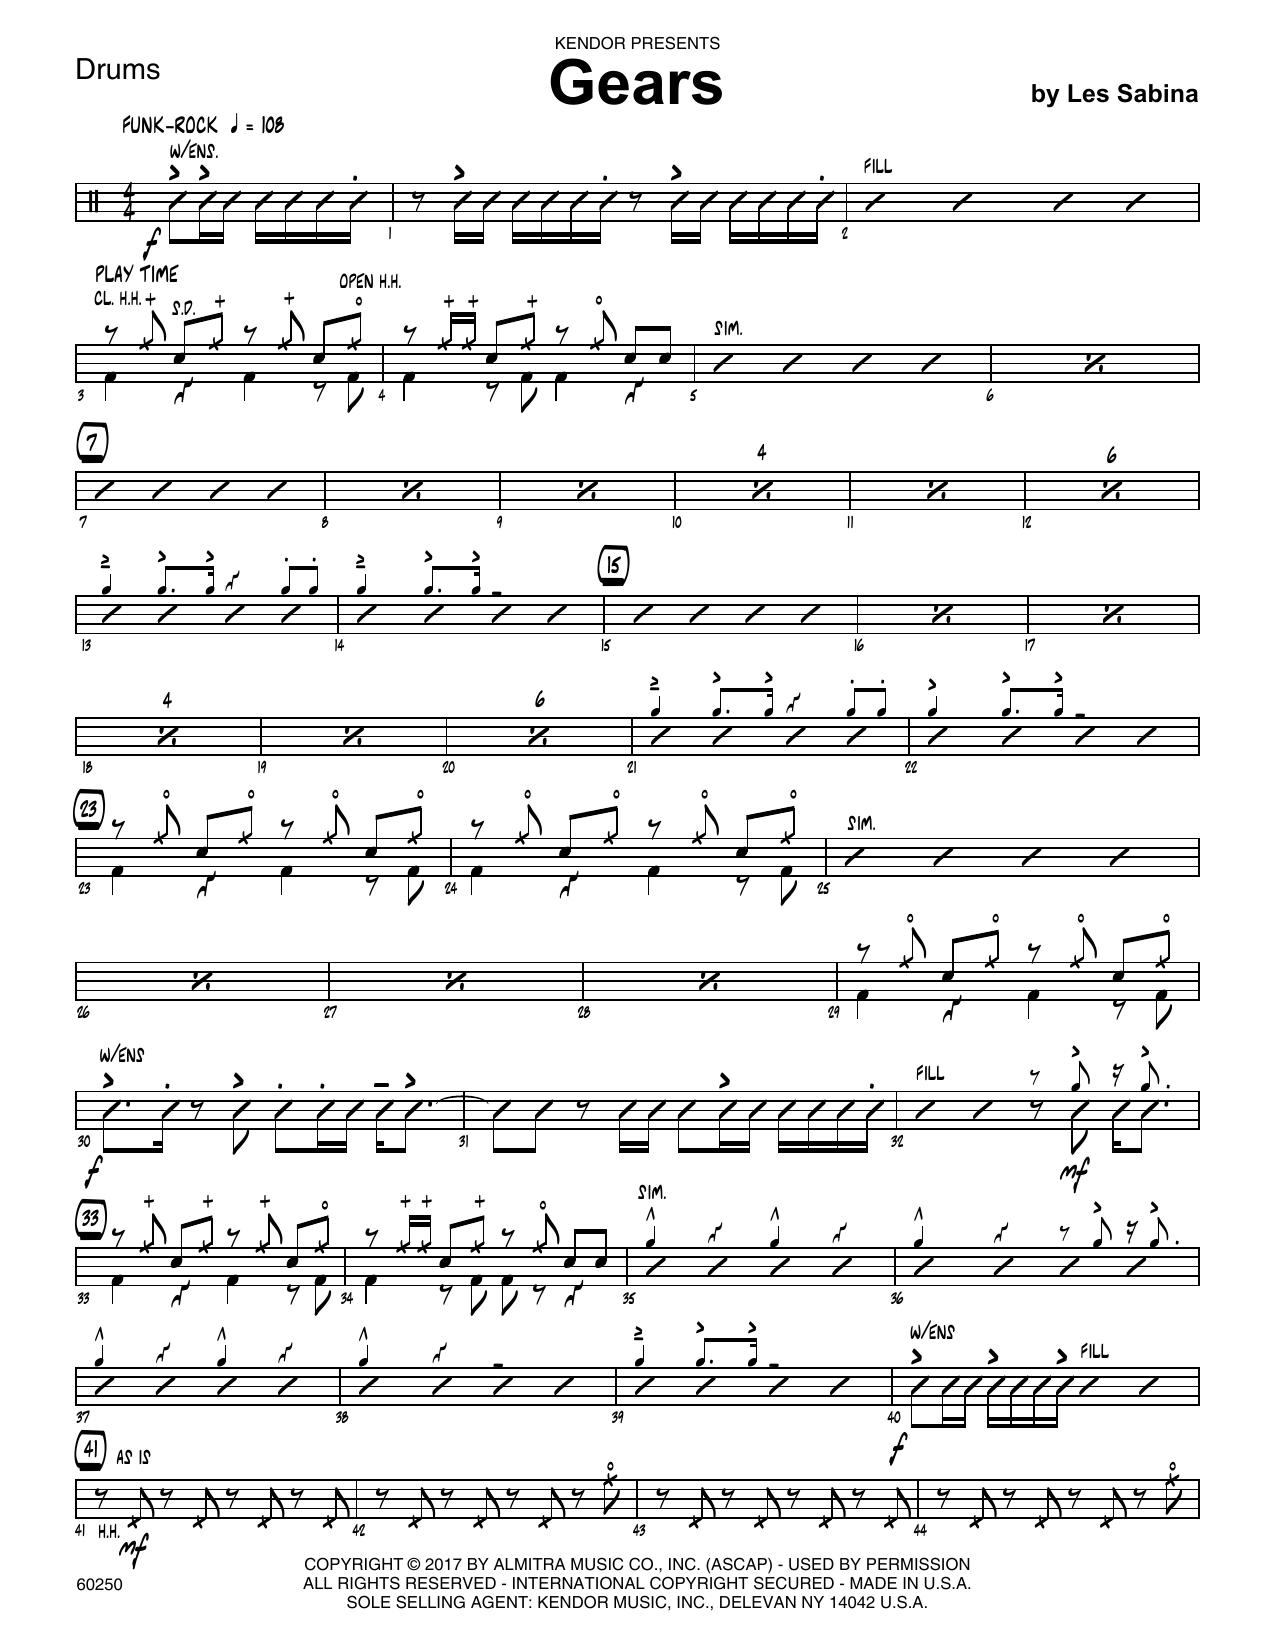 Les Sabina Gears - Drum Set sheet music notes printable PDF score